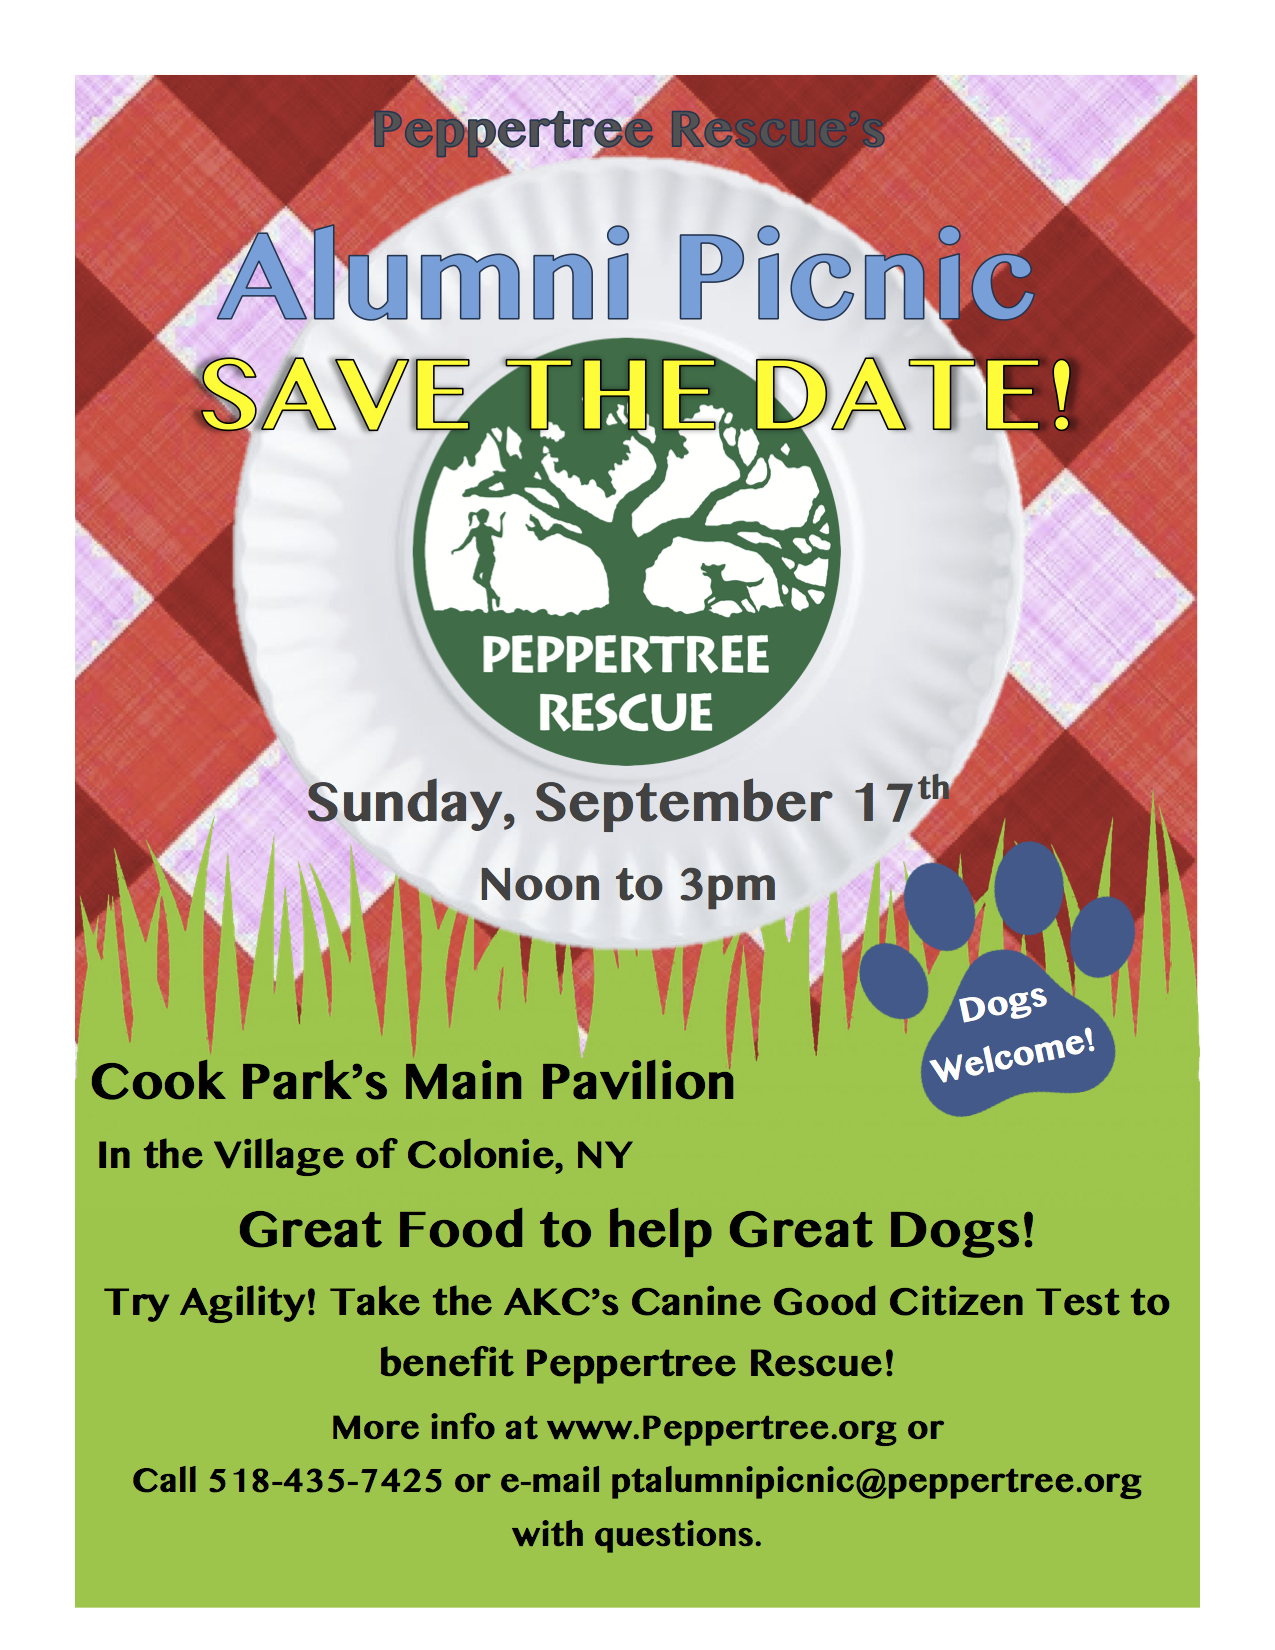 alumni picnic peppertree rescue